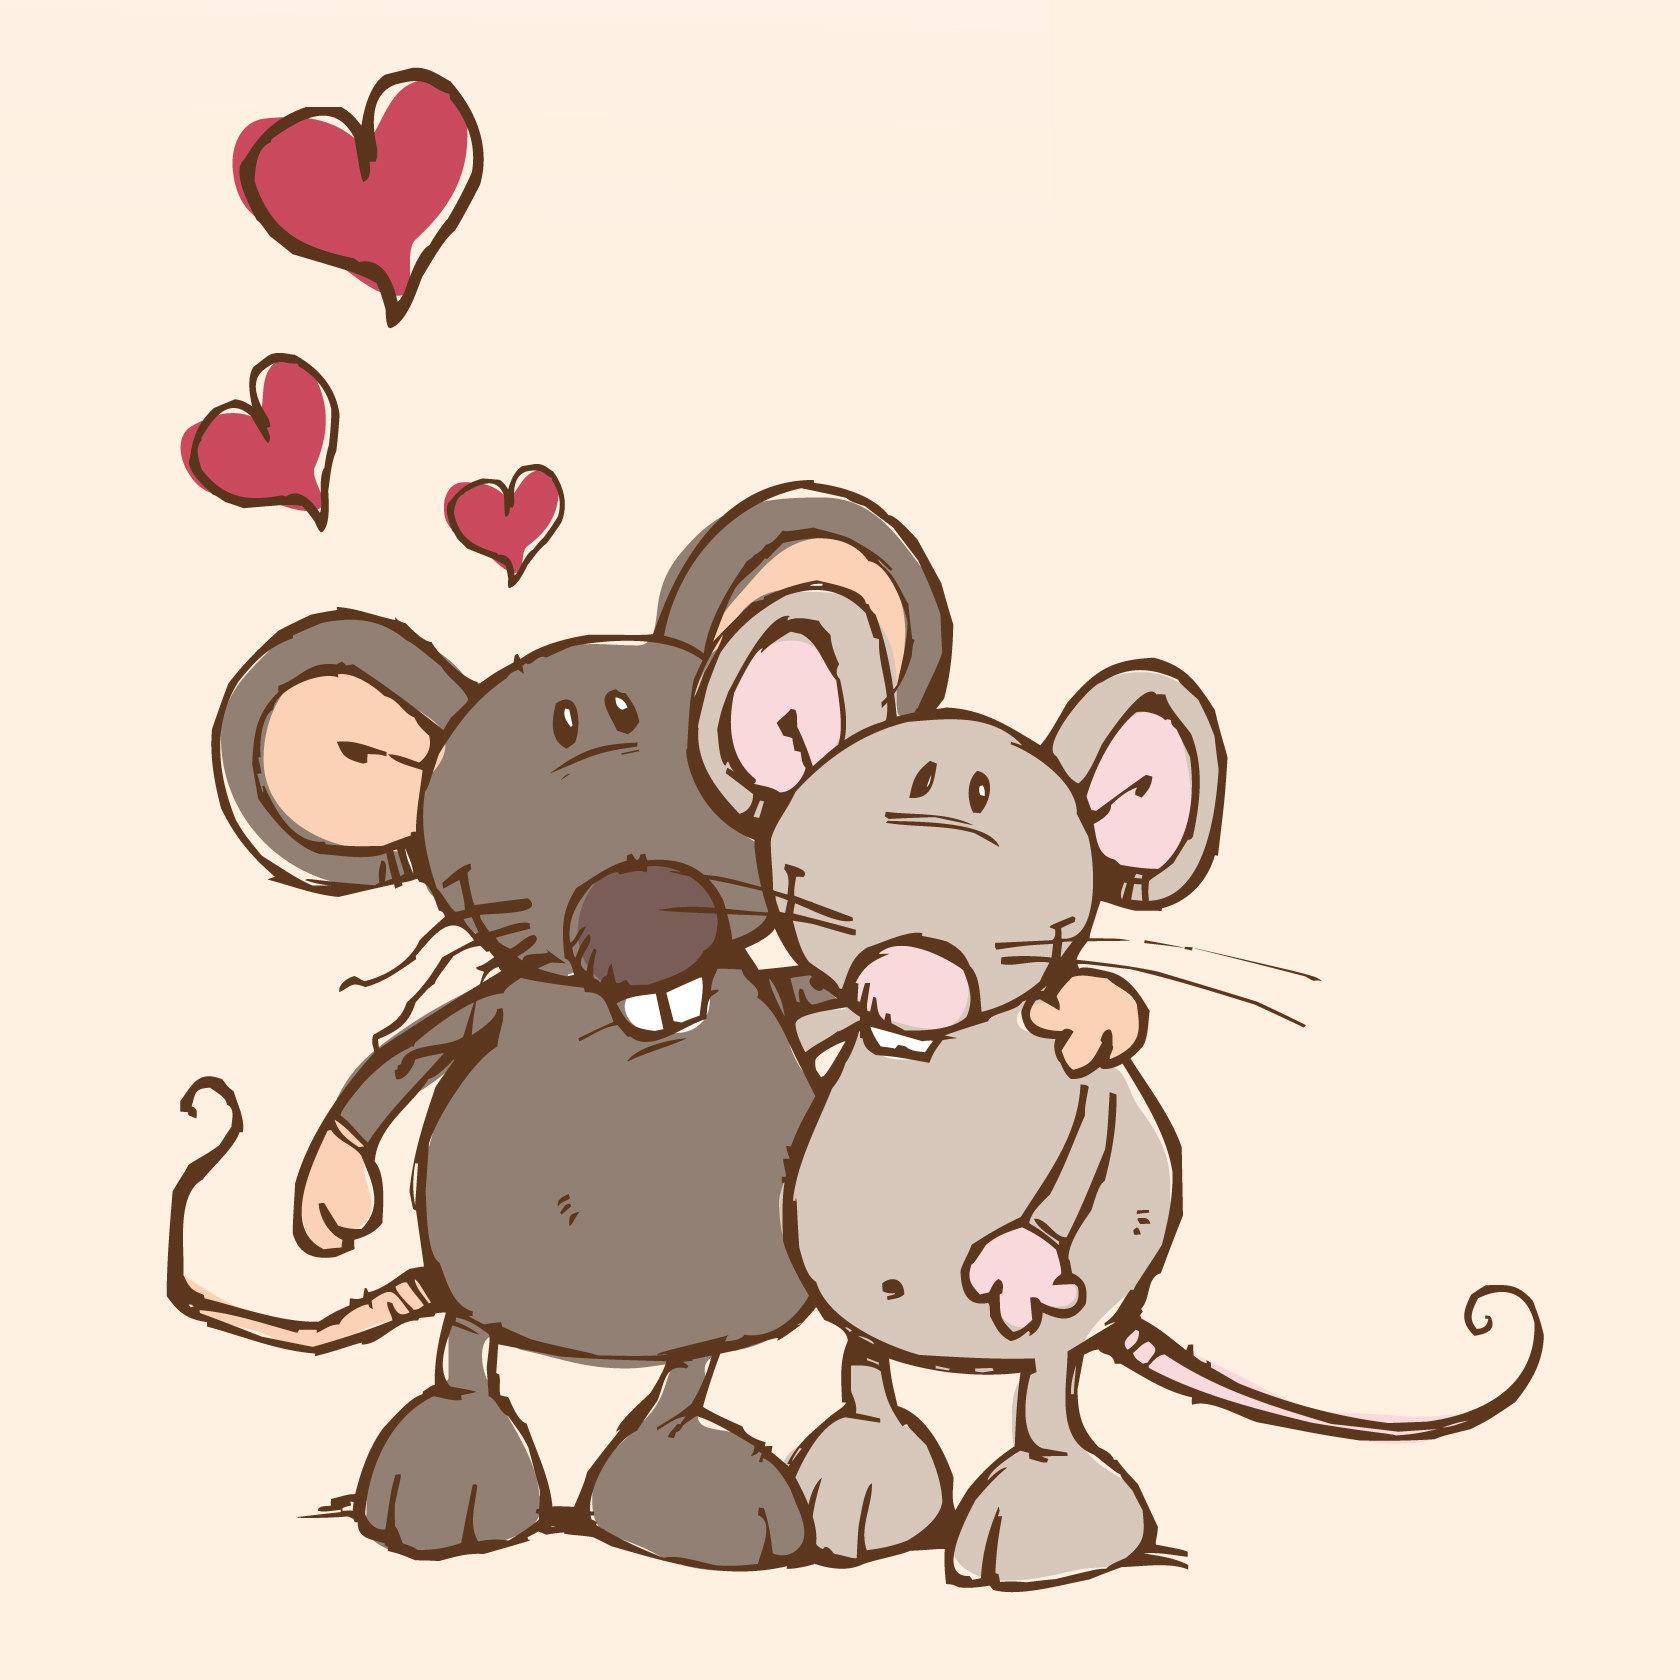 Хорошего отпуска, картинки с мышками мультяшными